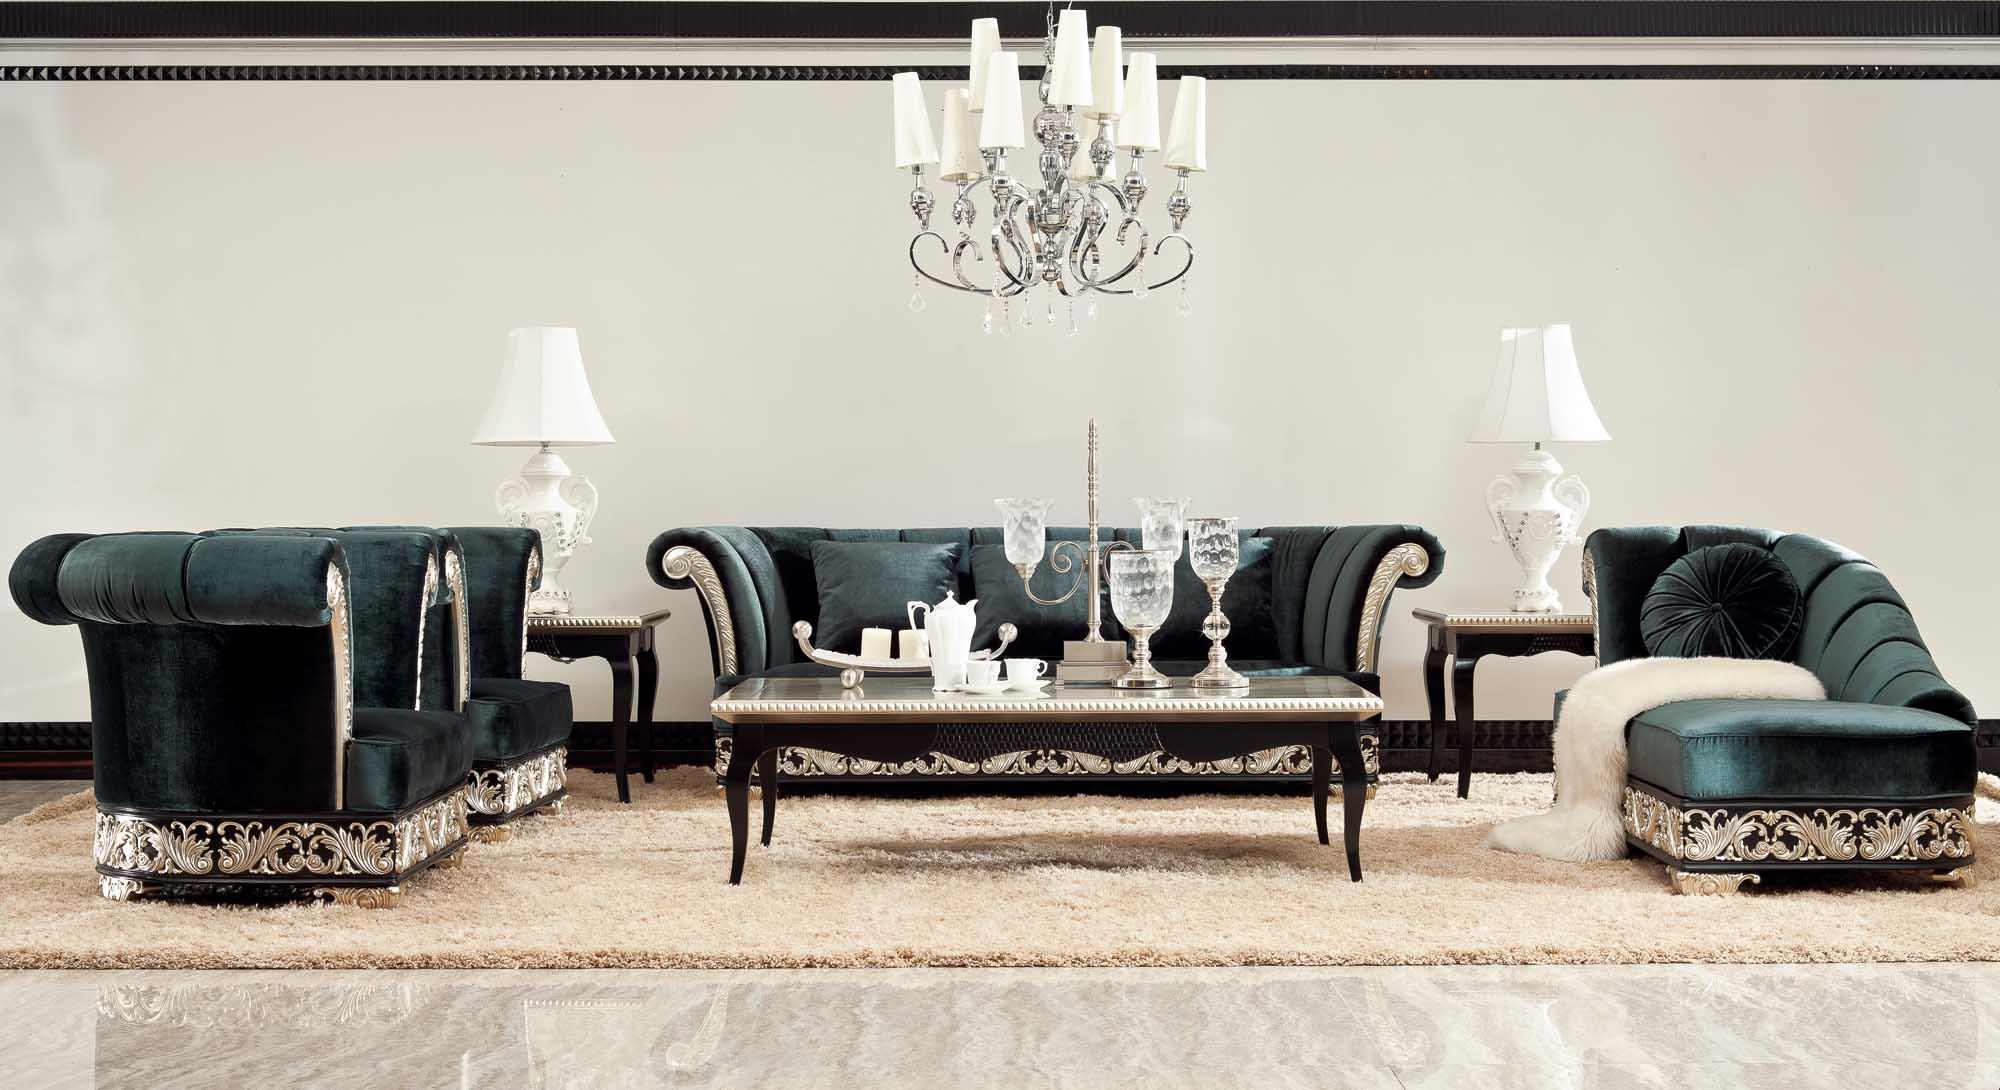 Красивый диван, кресла и журнальный стол в стиле арт-деко